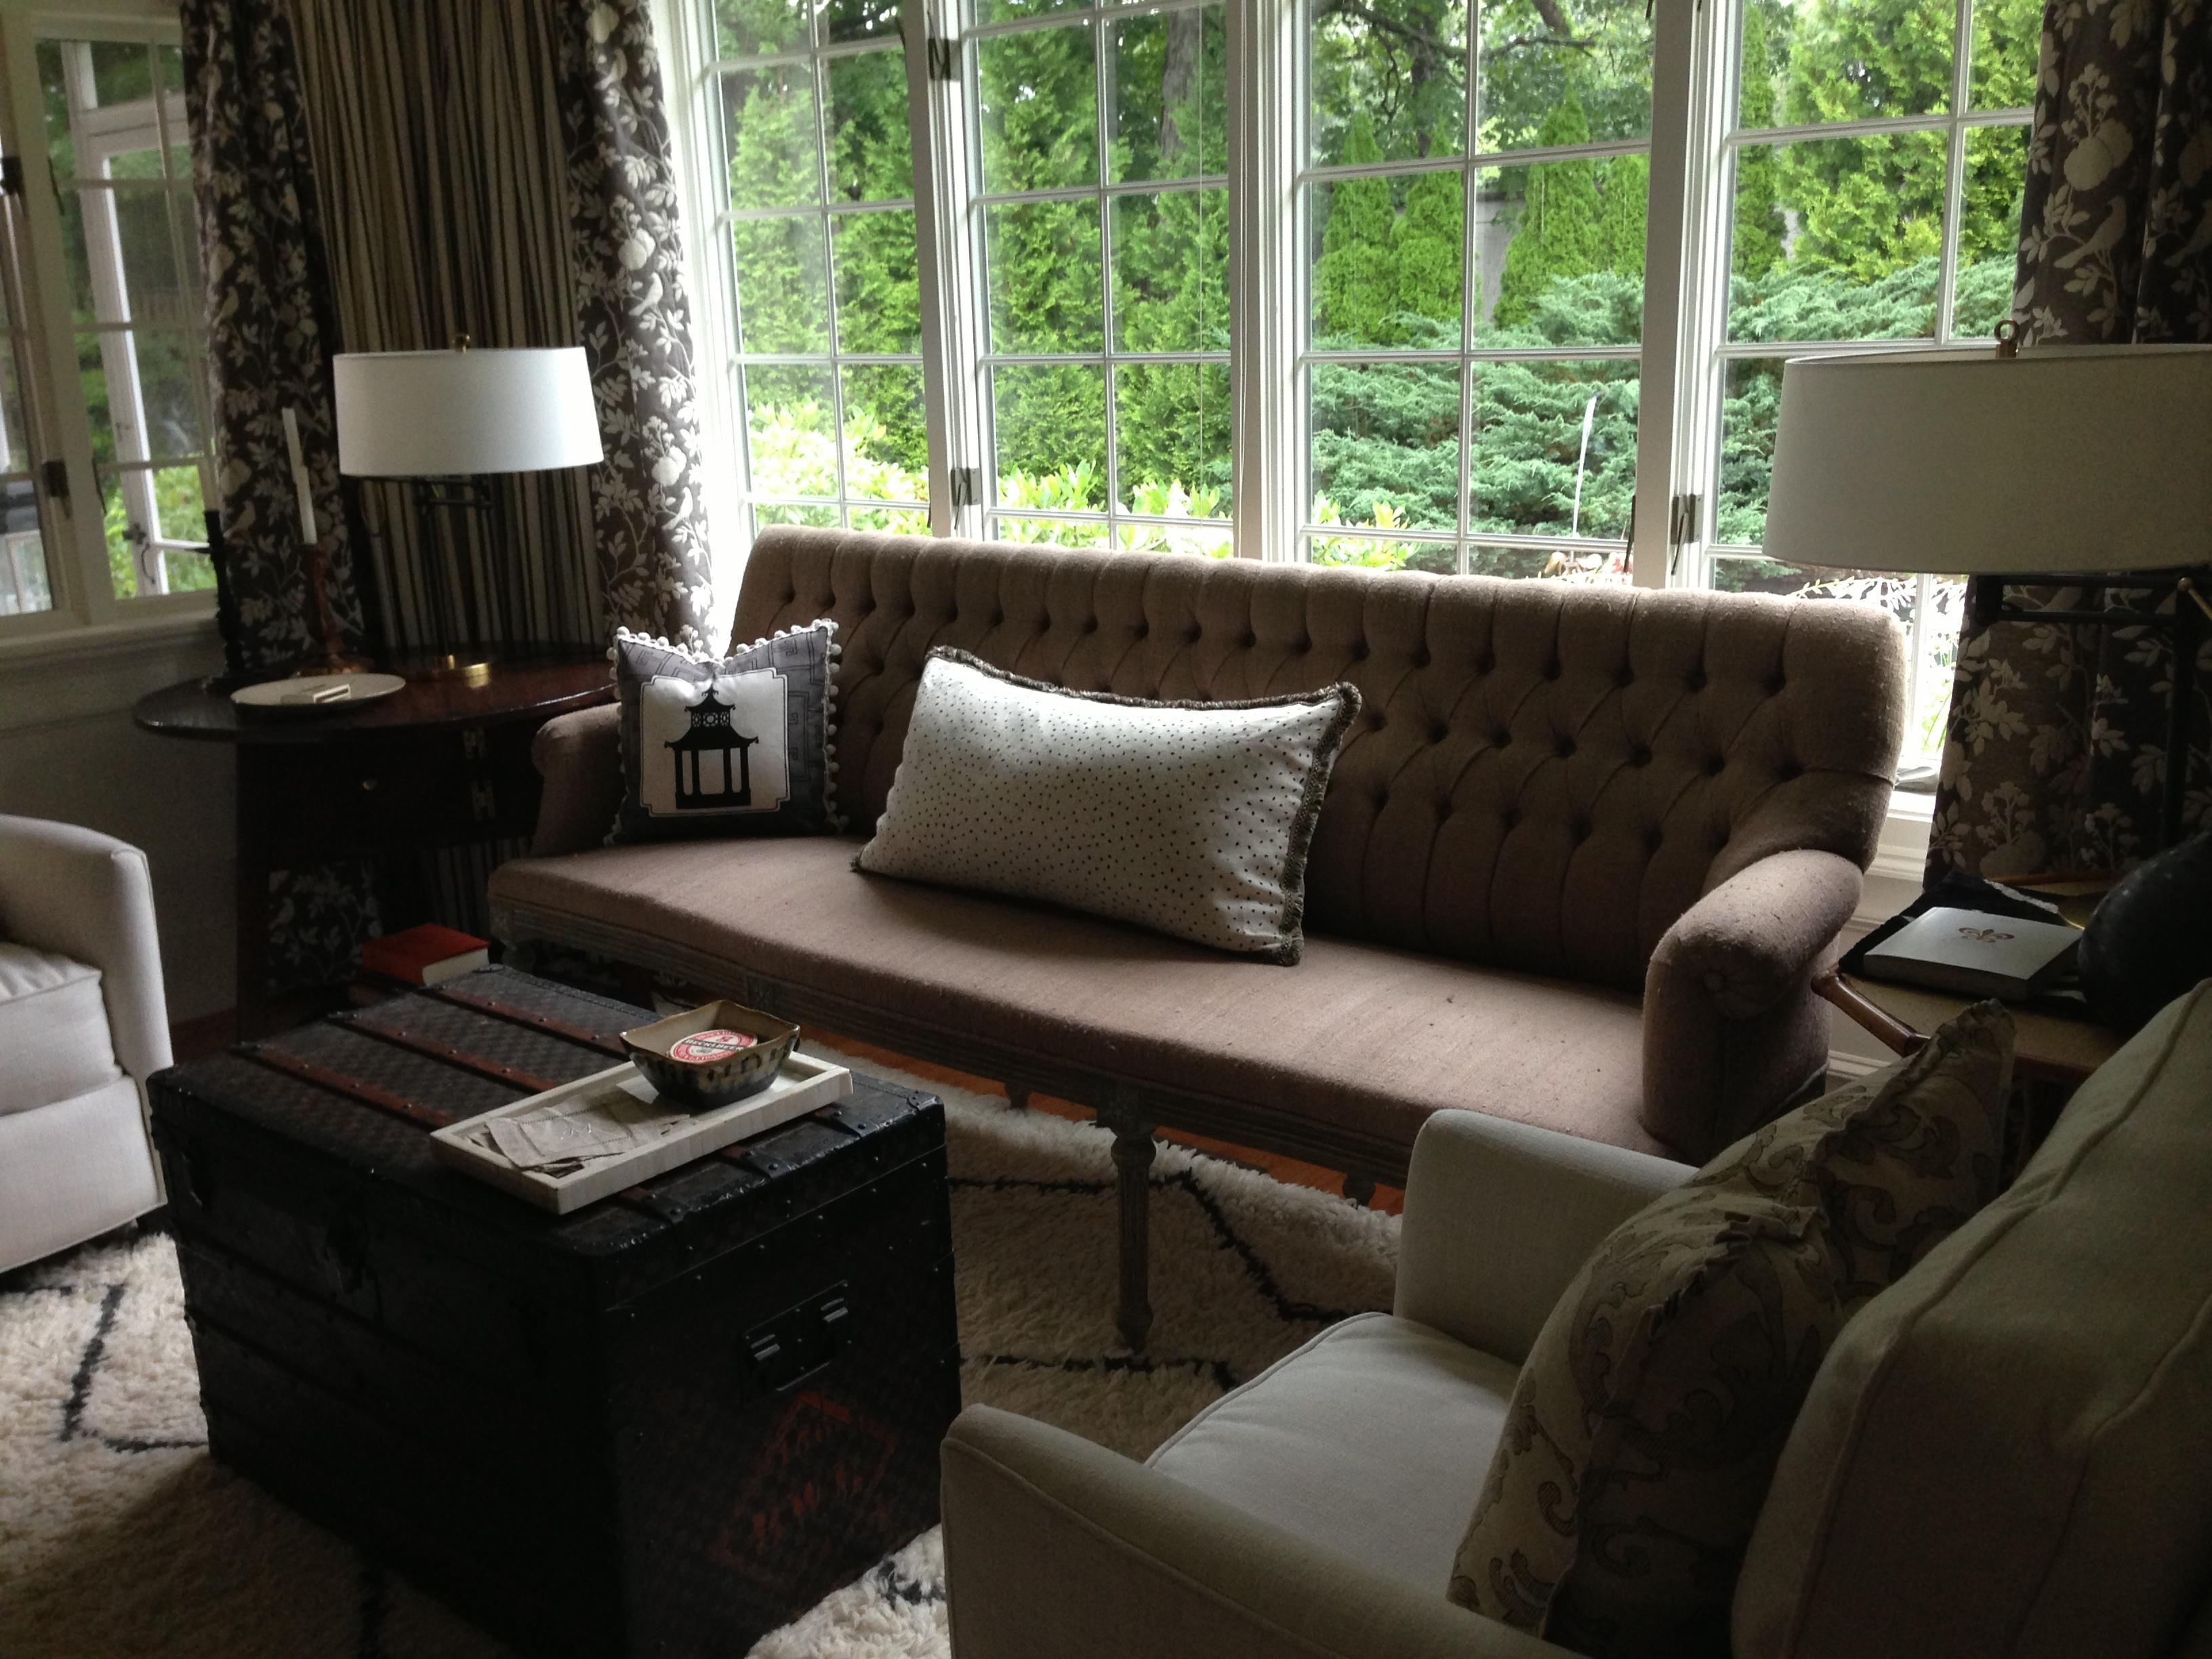 Secret Cove Show House 2013 - Sitting Room. Designer: Meredith Bohn